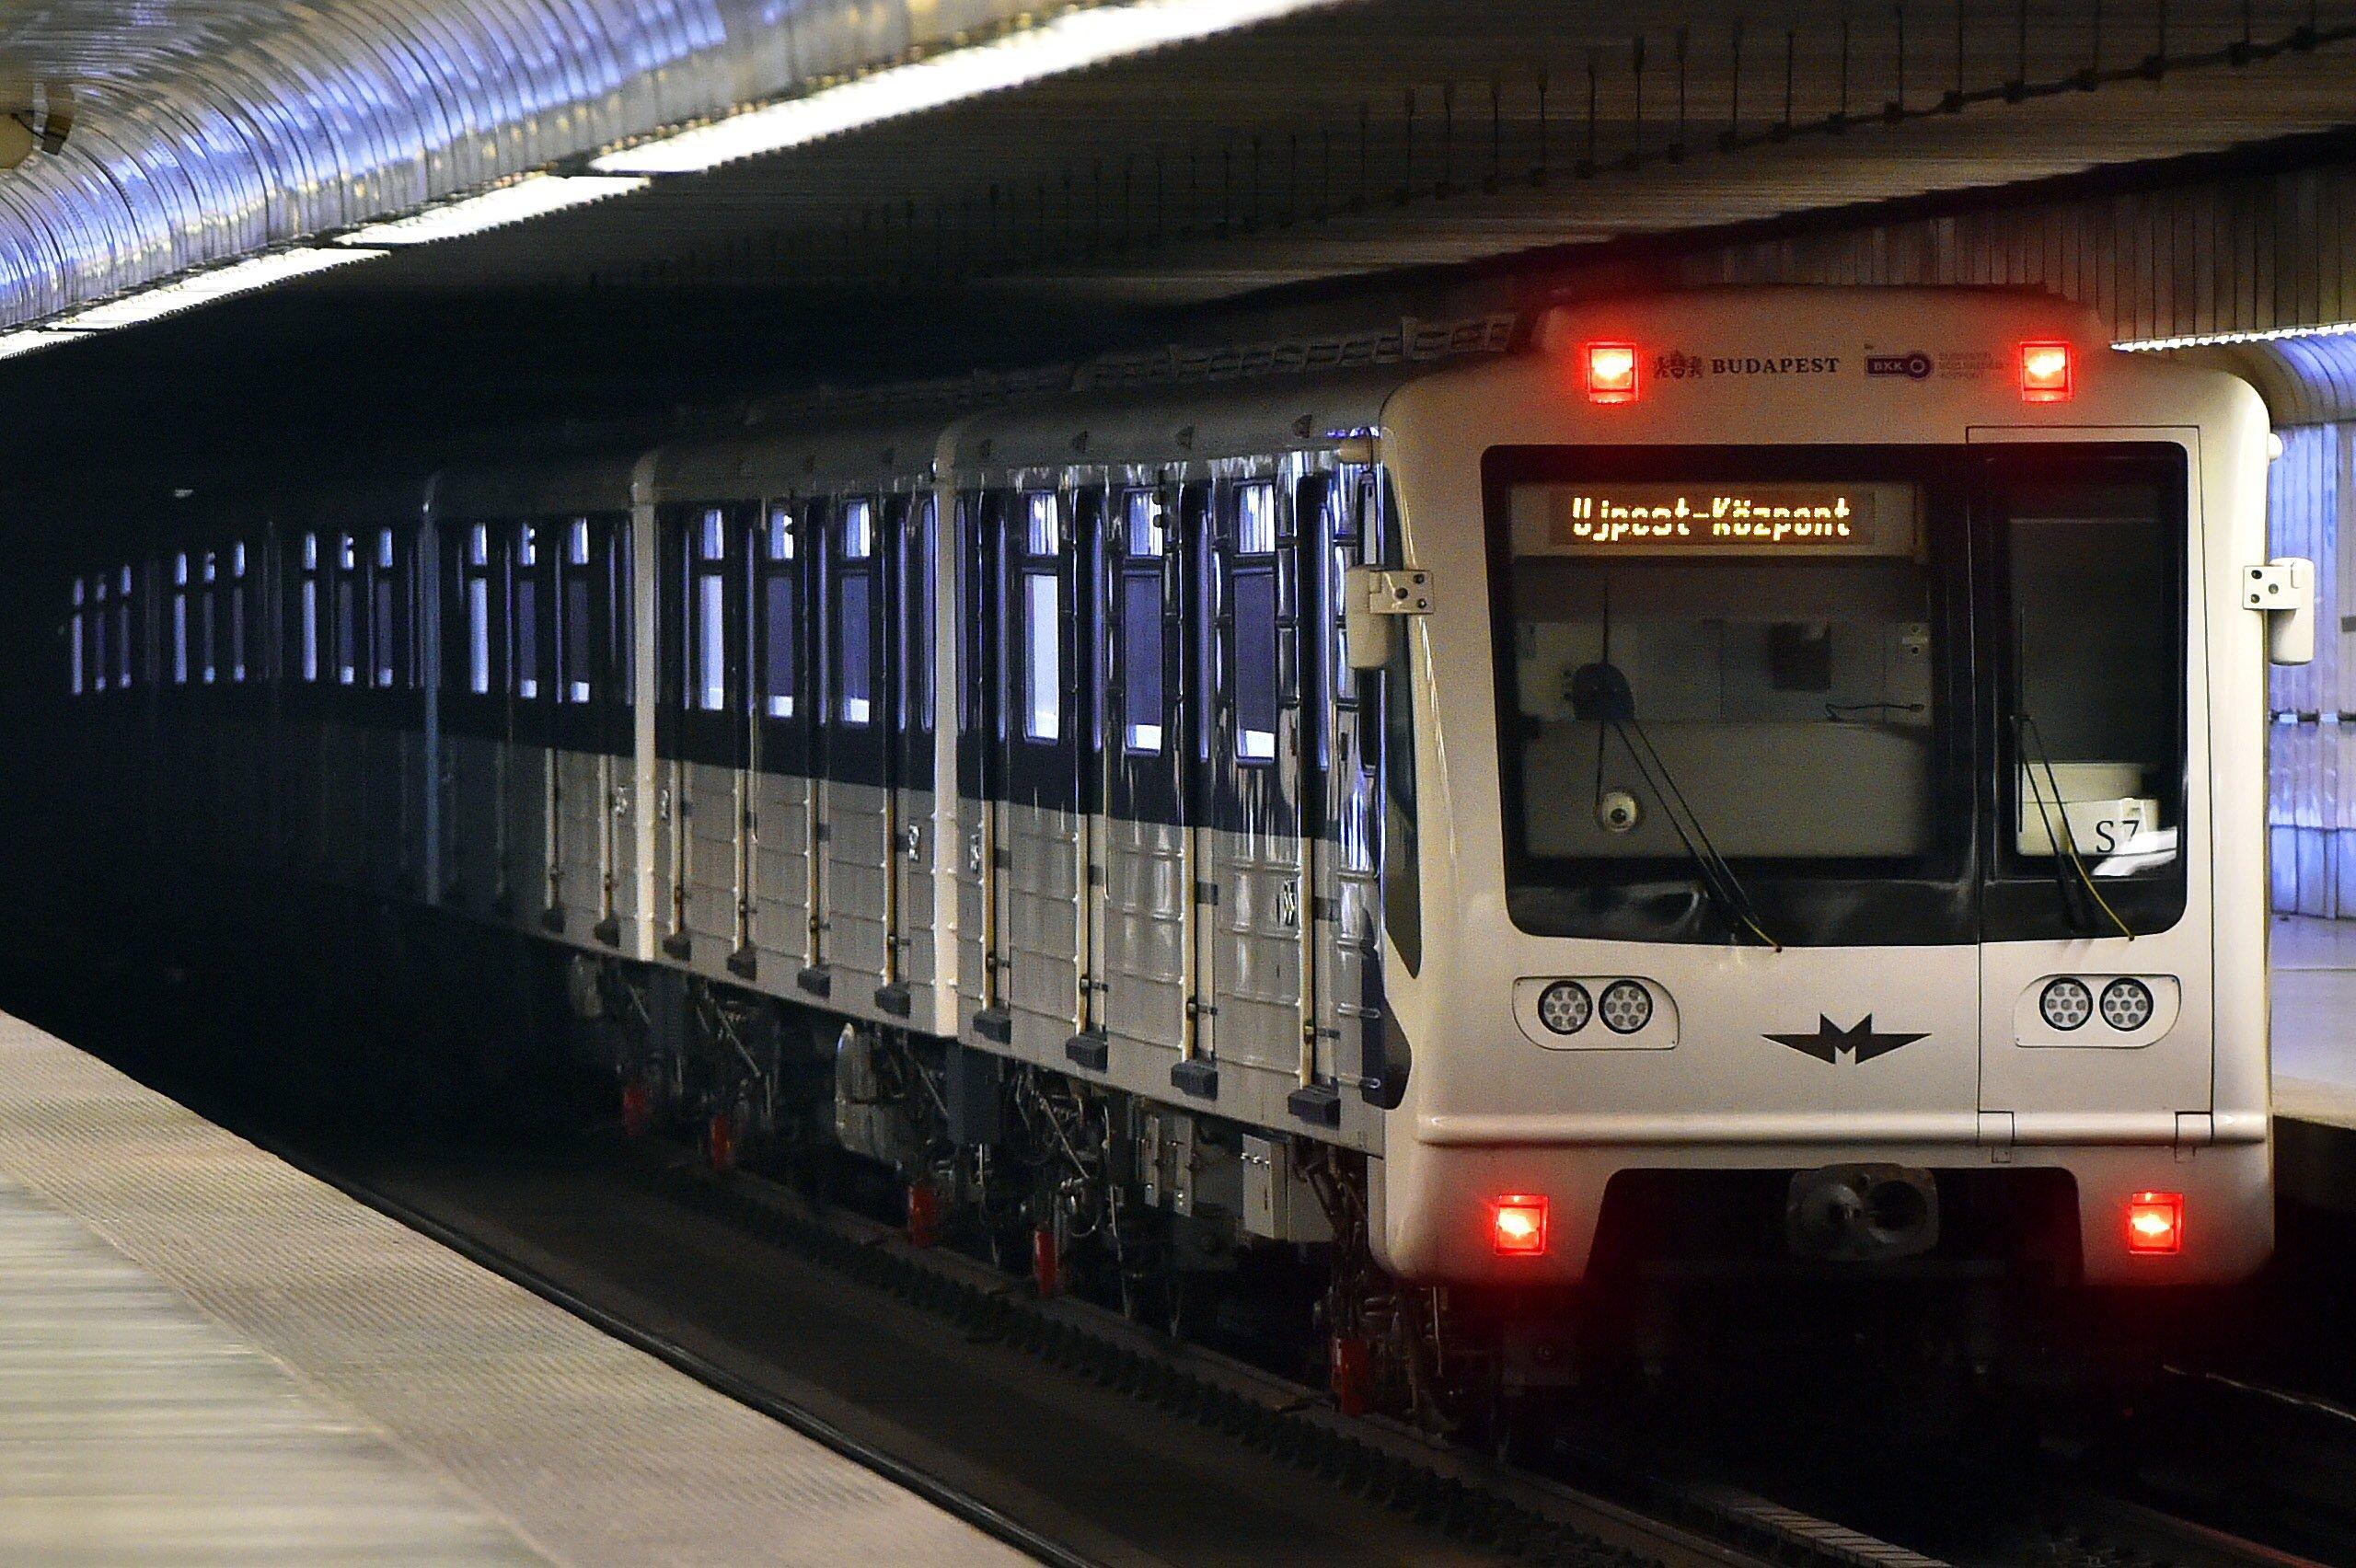 Budapesten a piros (2-es) metró vonala mentén valamelyik megállóhoz közel.